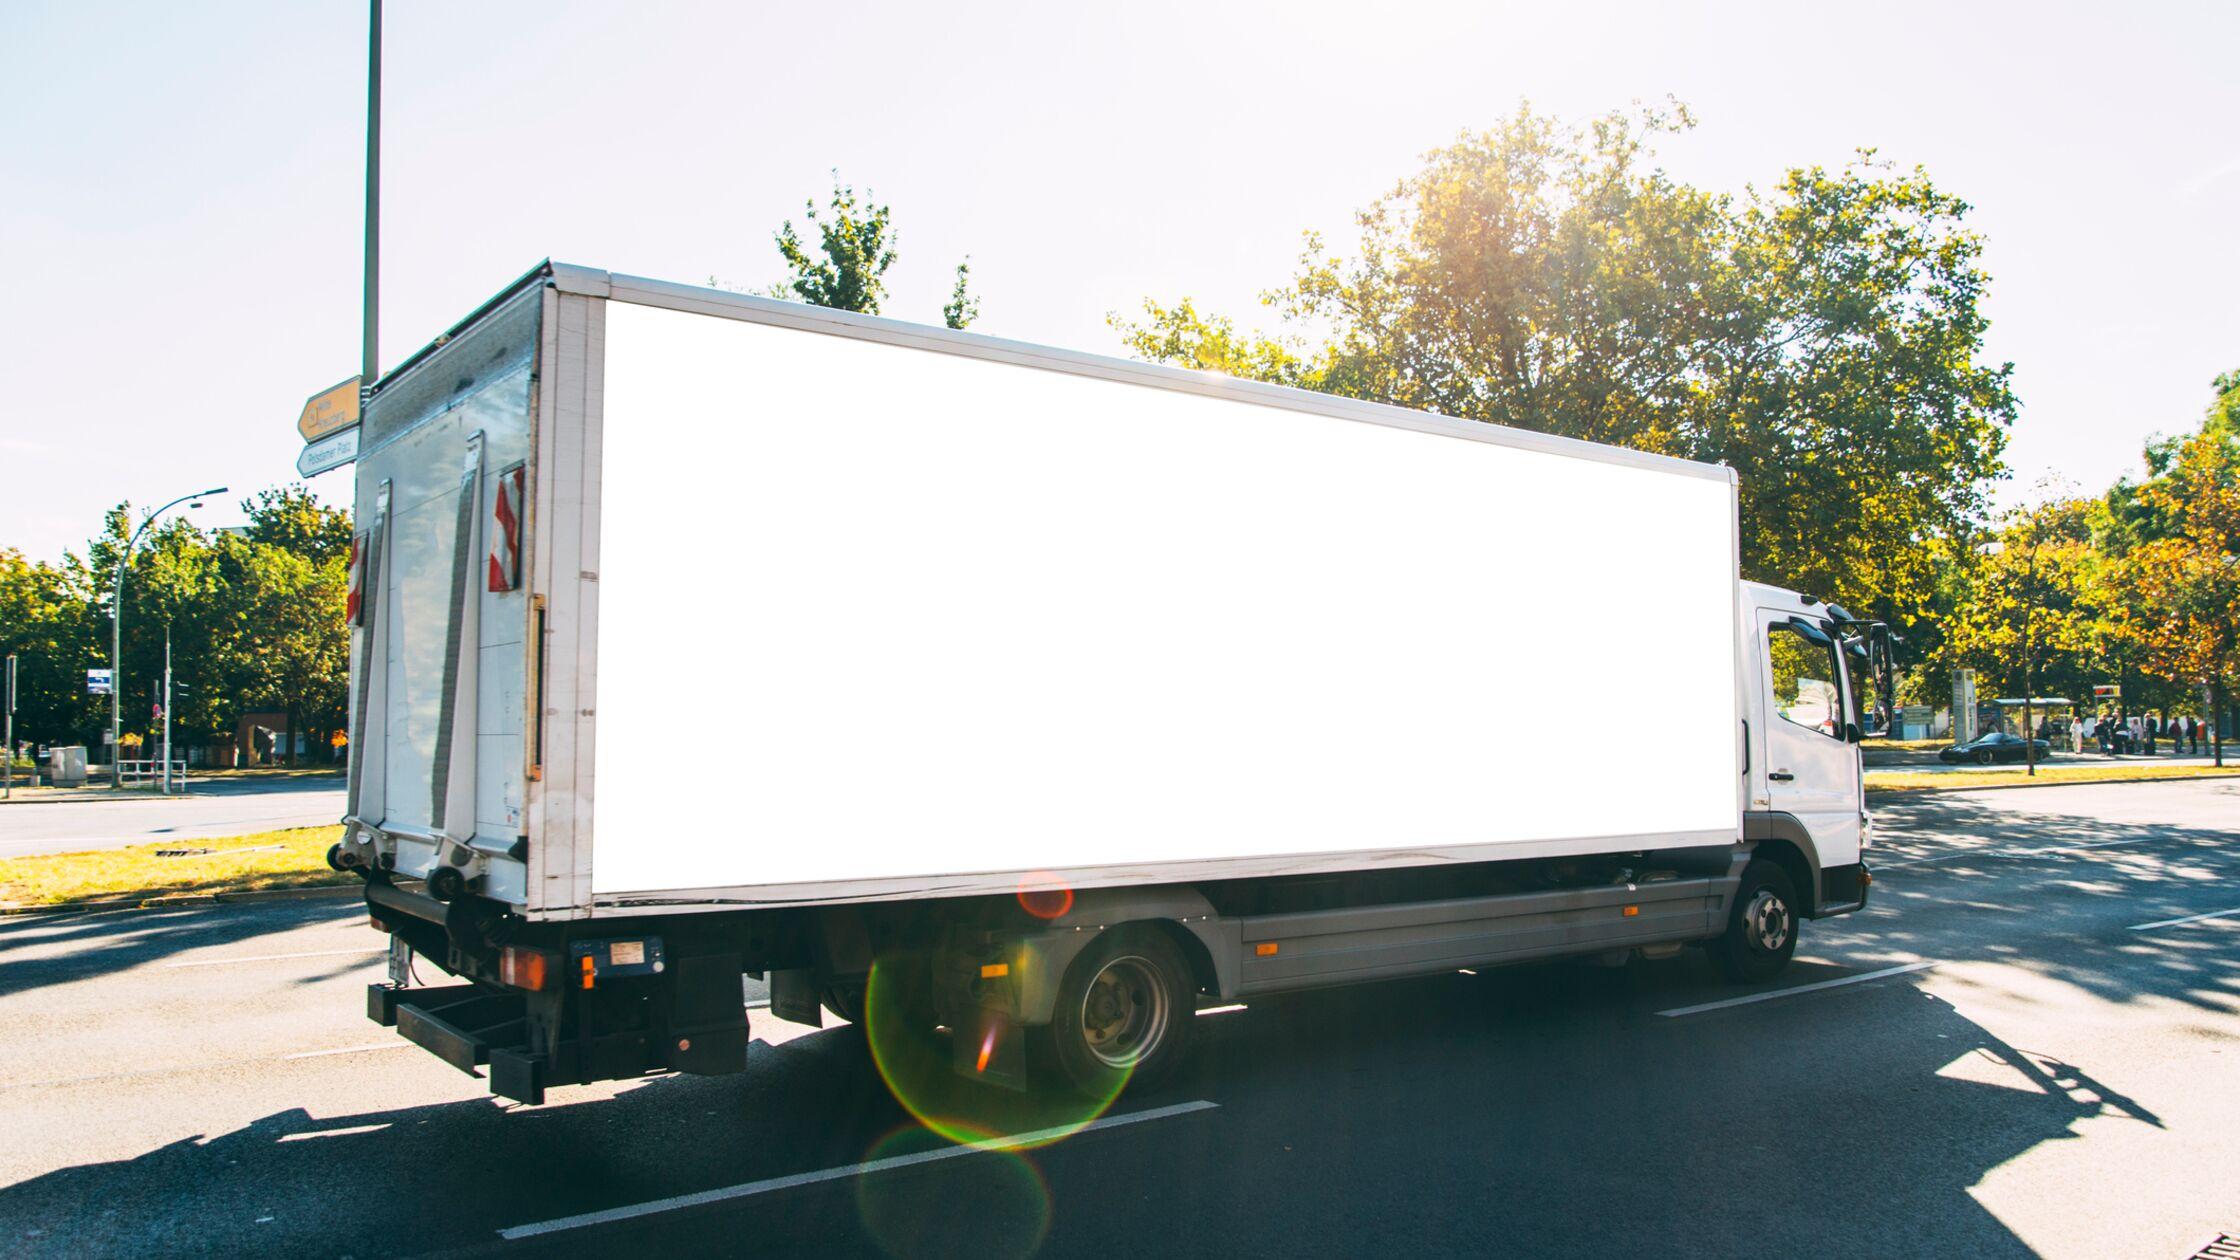 LKW sonntags für den Umzug fahren